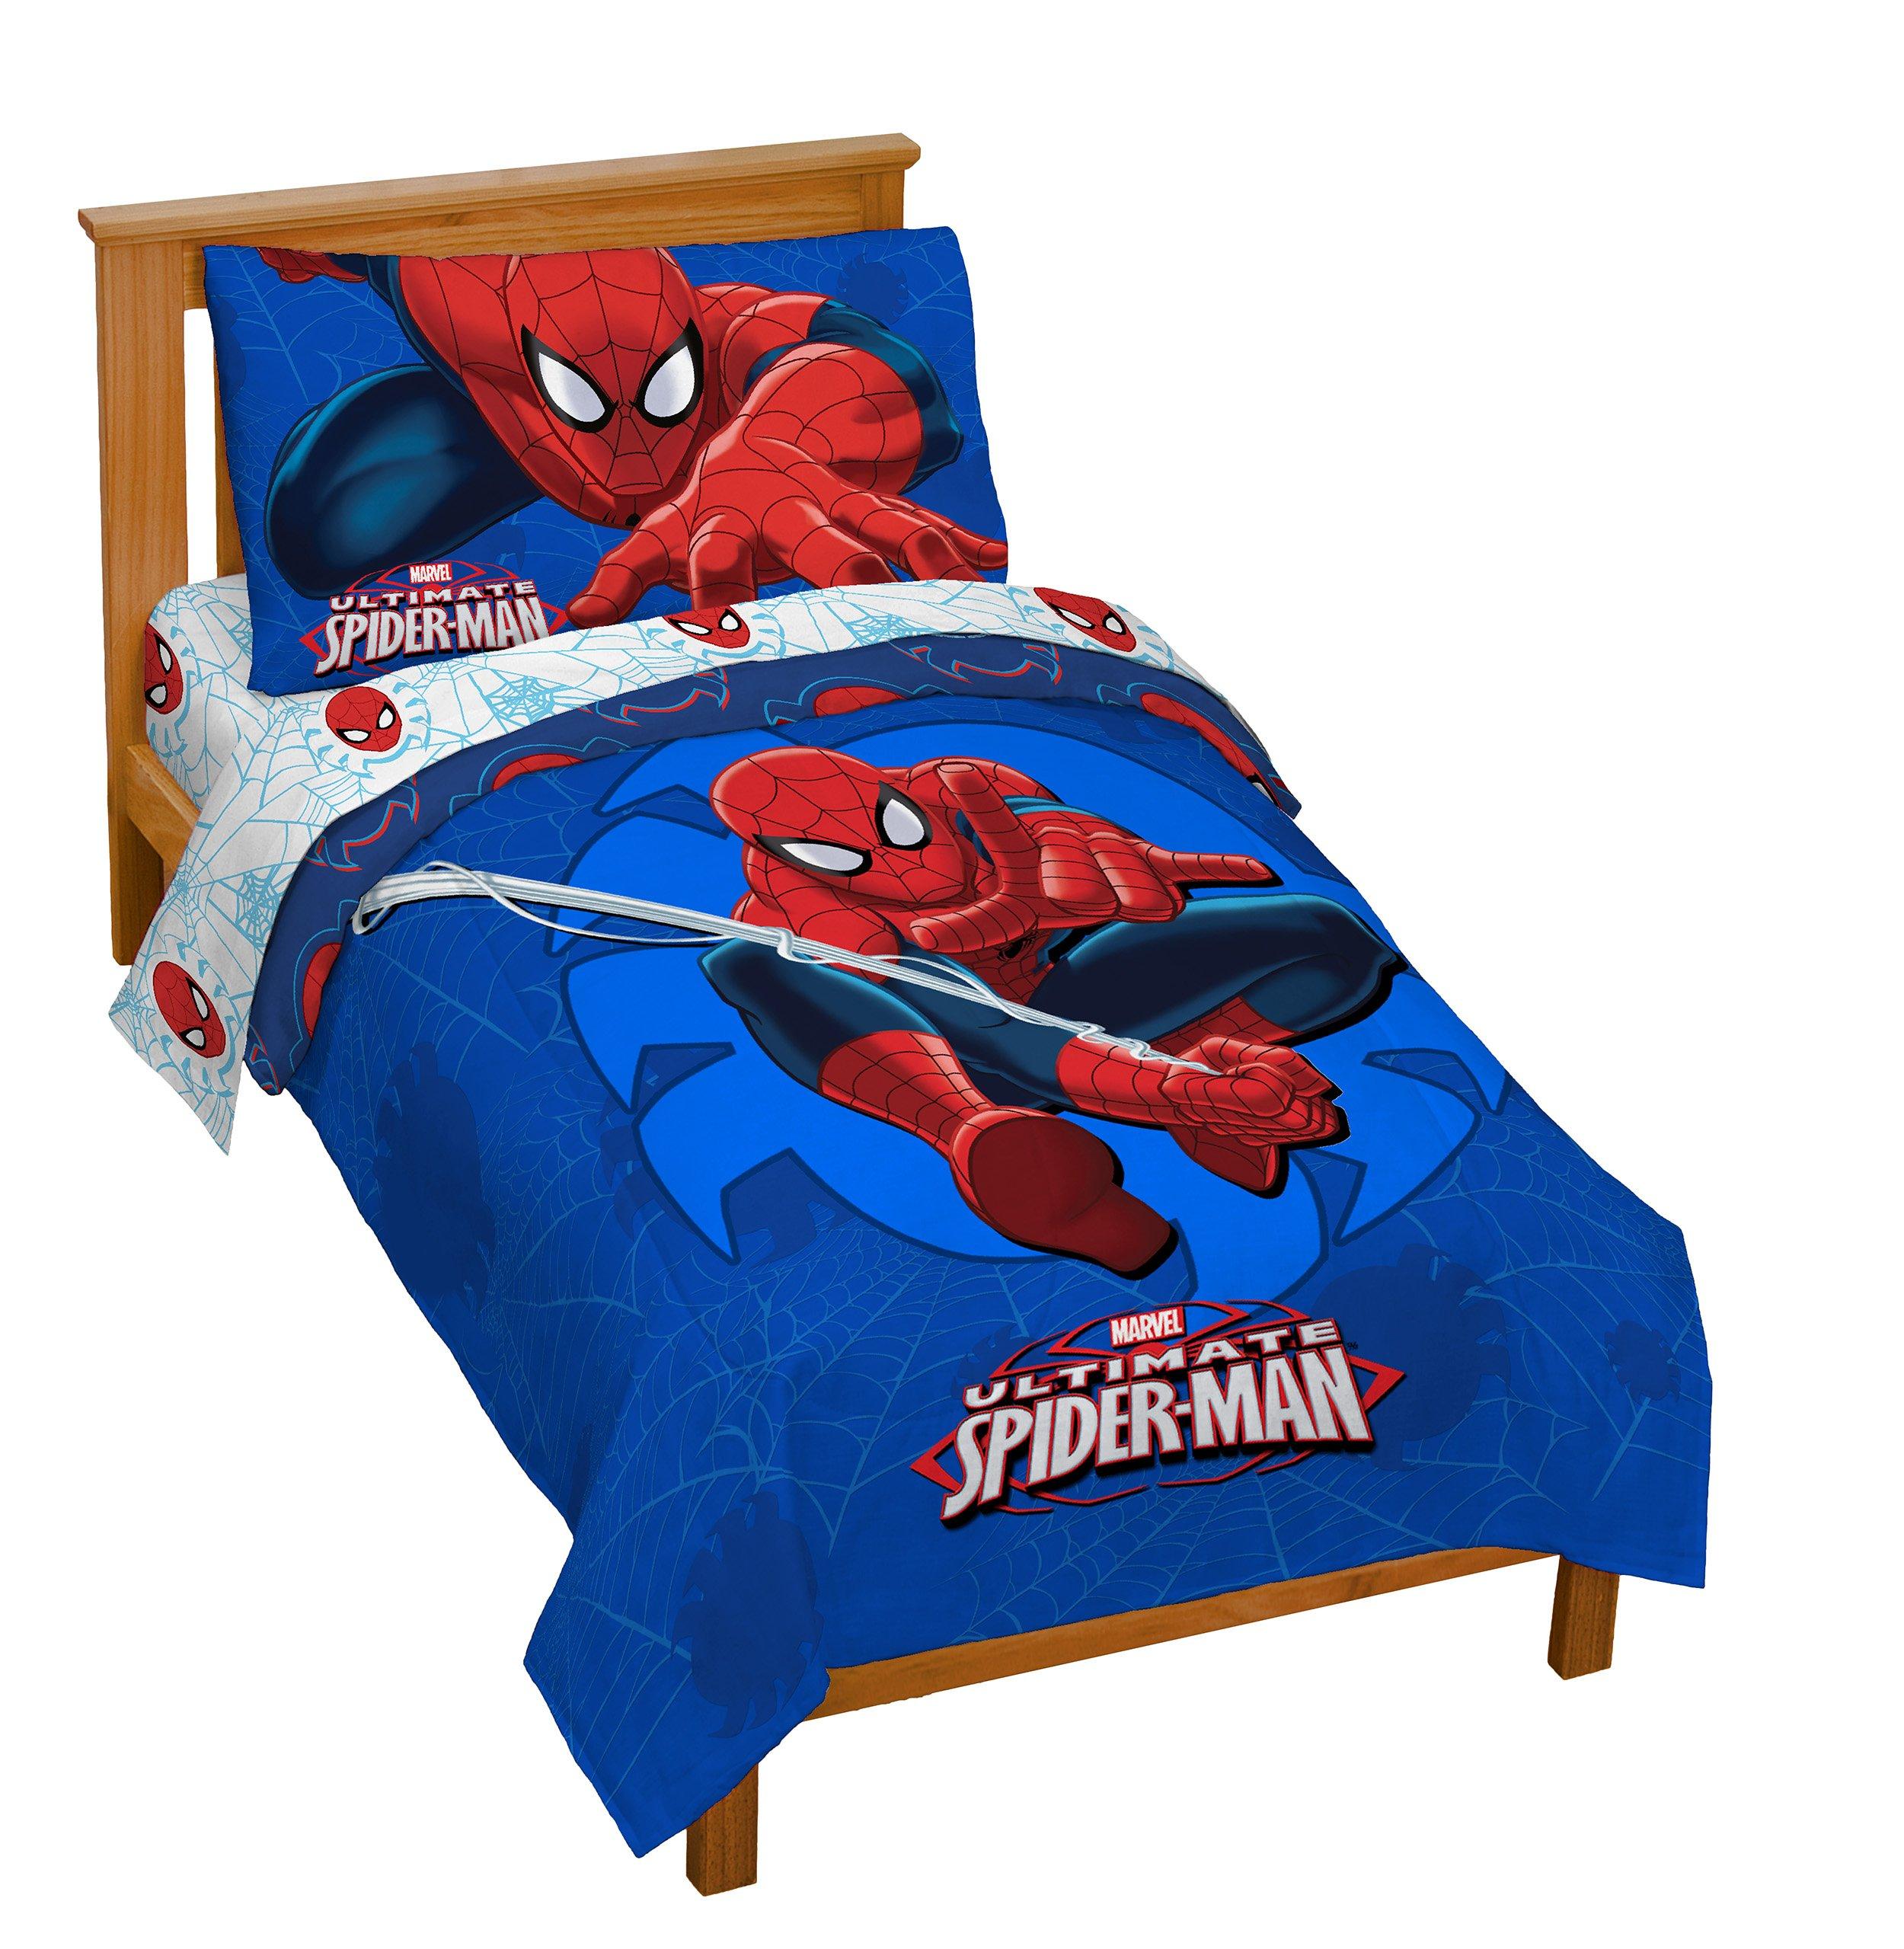 Marvel Spiderman 'Regulator' Toddler 4 Piece Bed Set by Jay Franco